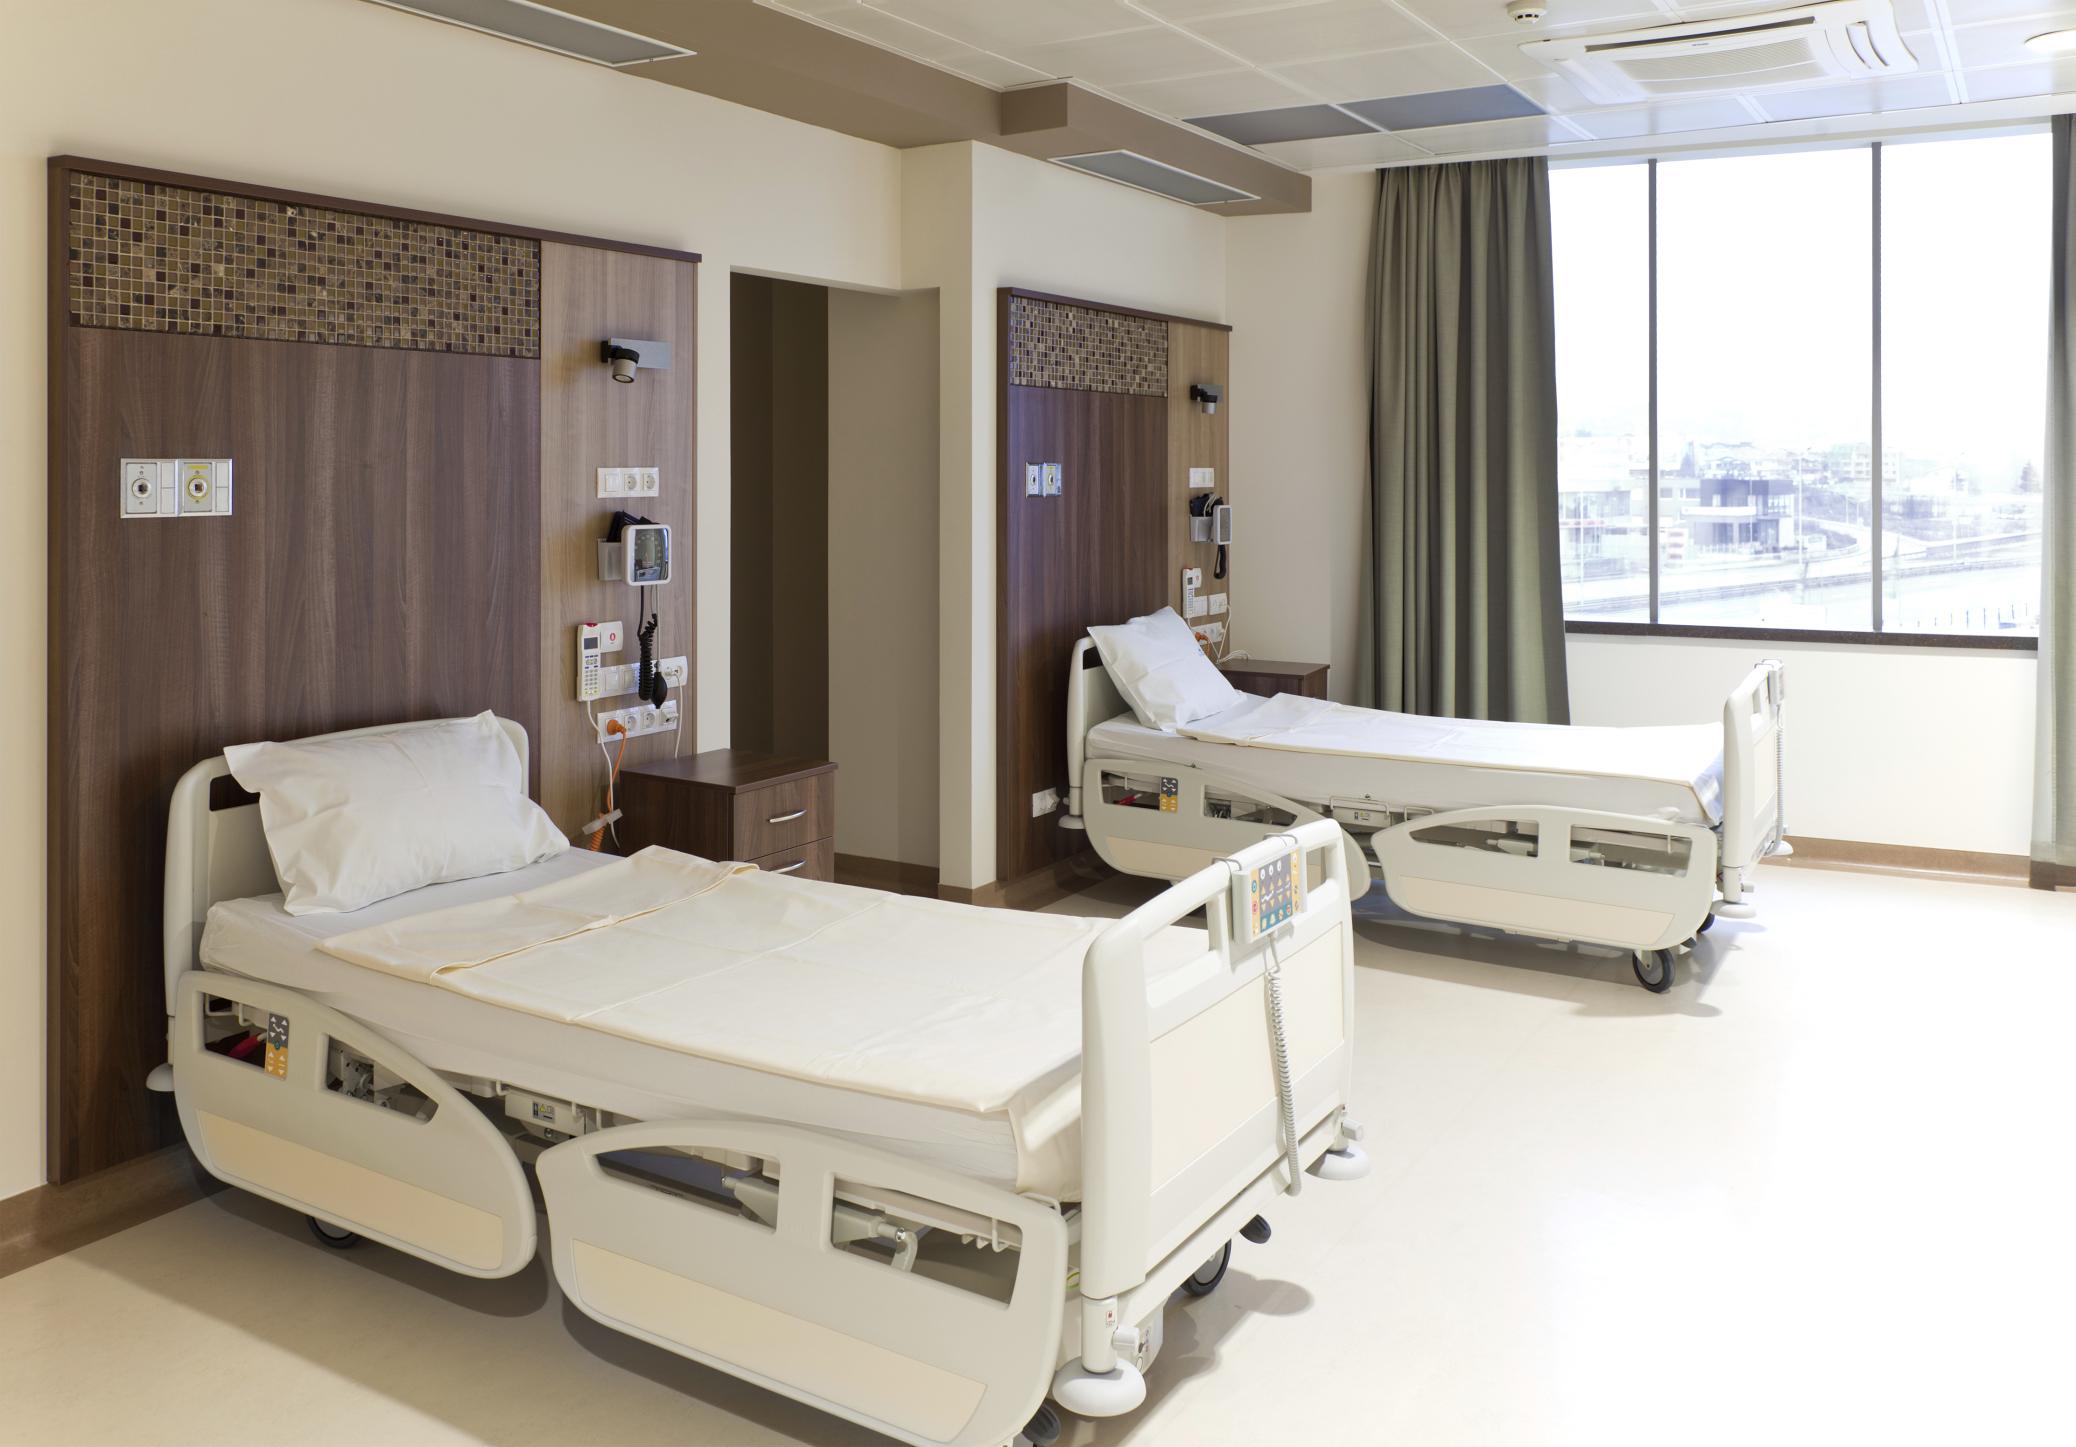 Hospital Housekeeping Procedures | Healthy Living